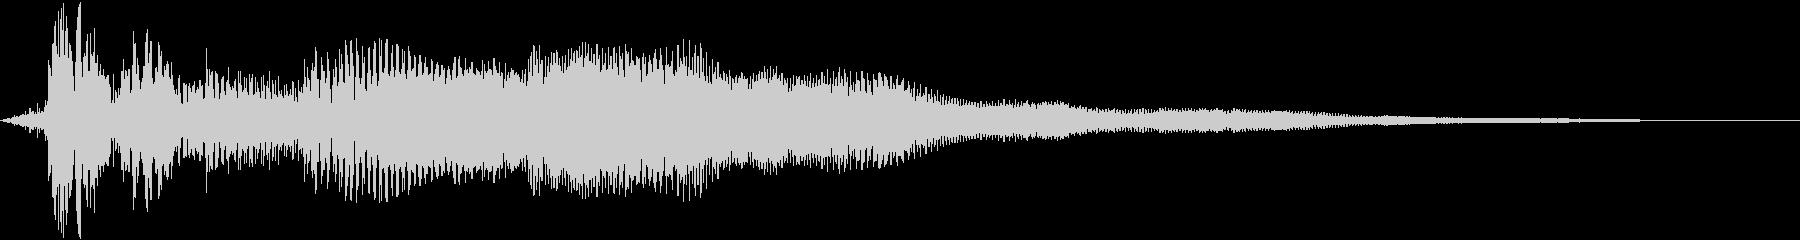 【ホラーゲーム】ボカッ・・ウーンッ・・・の未再生の波形